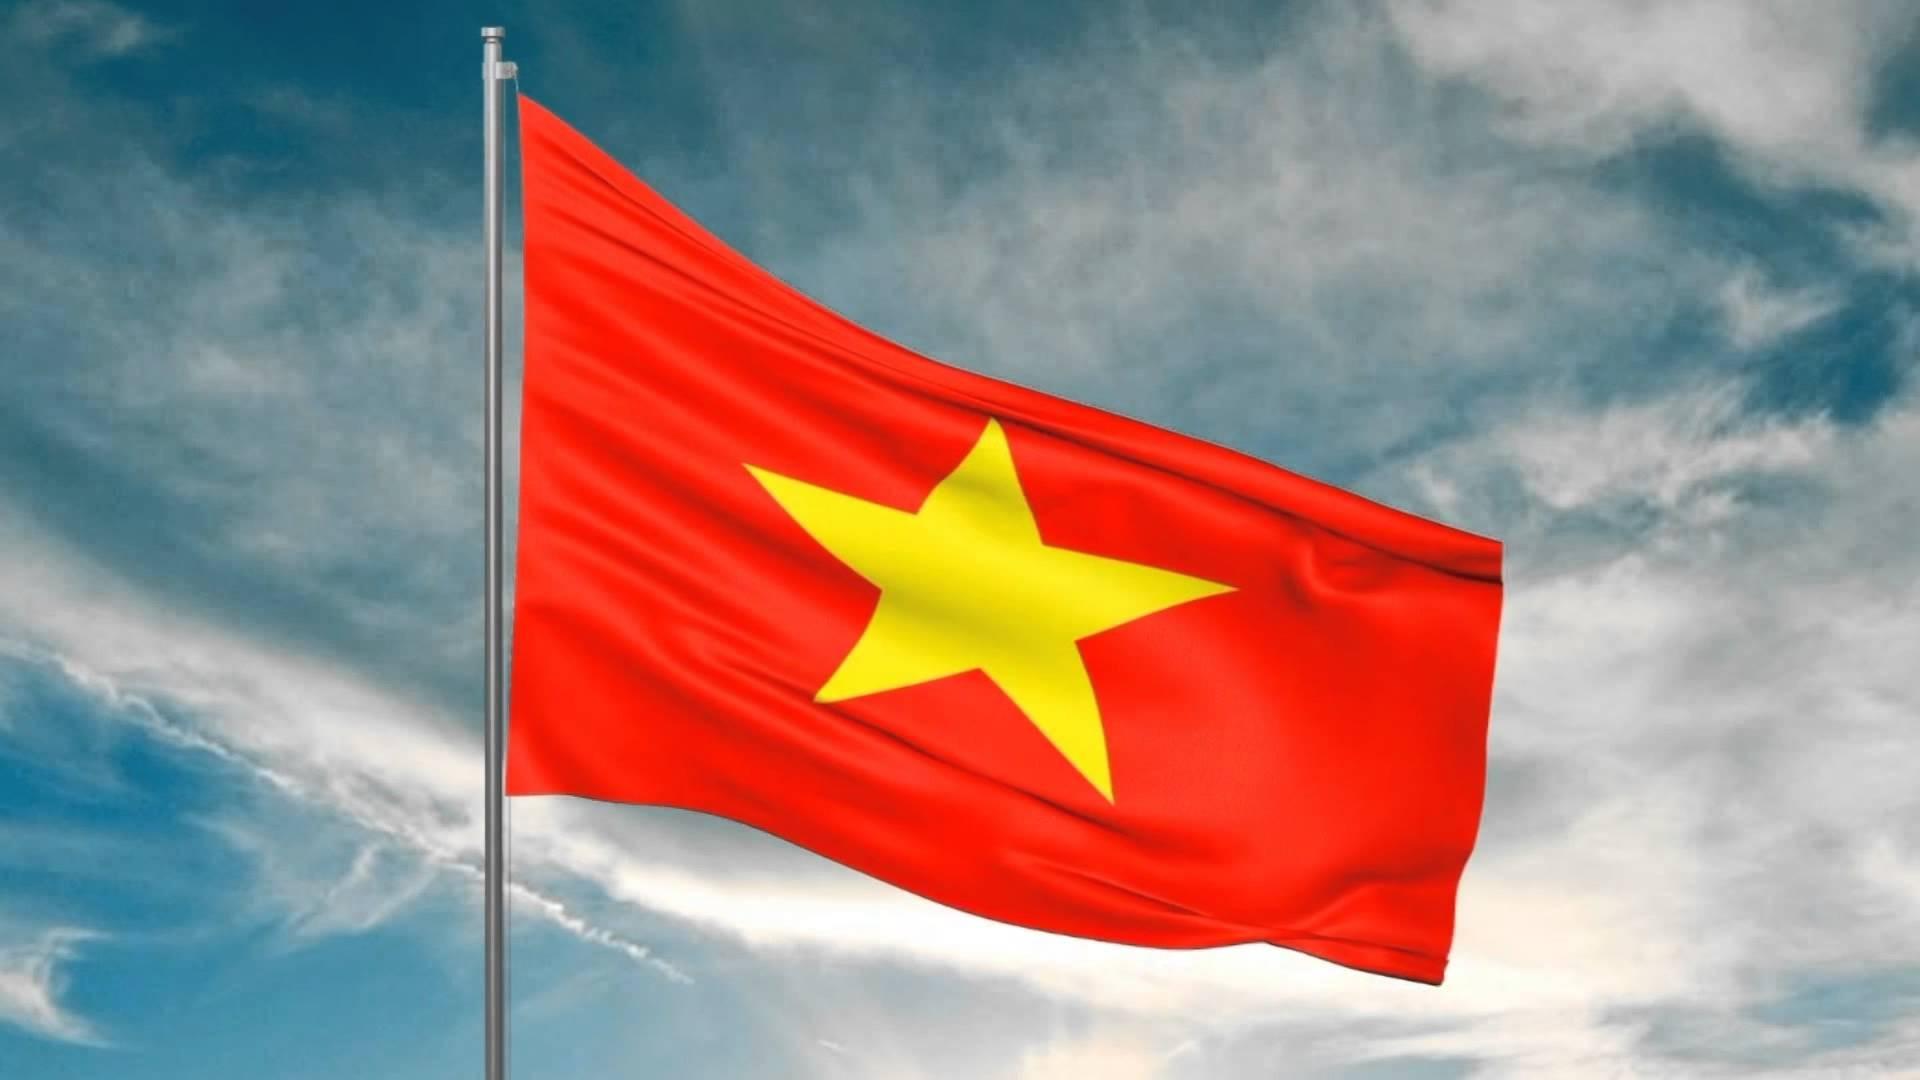 Dự kiến 1000 lá cờ Tổ quốc sẽ được khoa Giáo dục Chính trị, trường Đại học Sư phạm Huế trao cho quần đảo Trường Sa vào tháng 3/2017